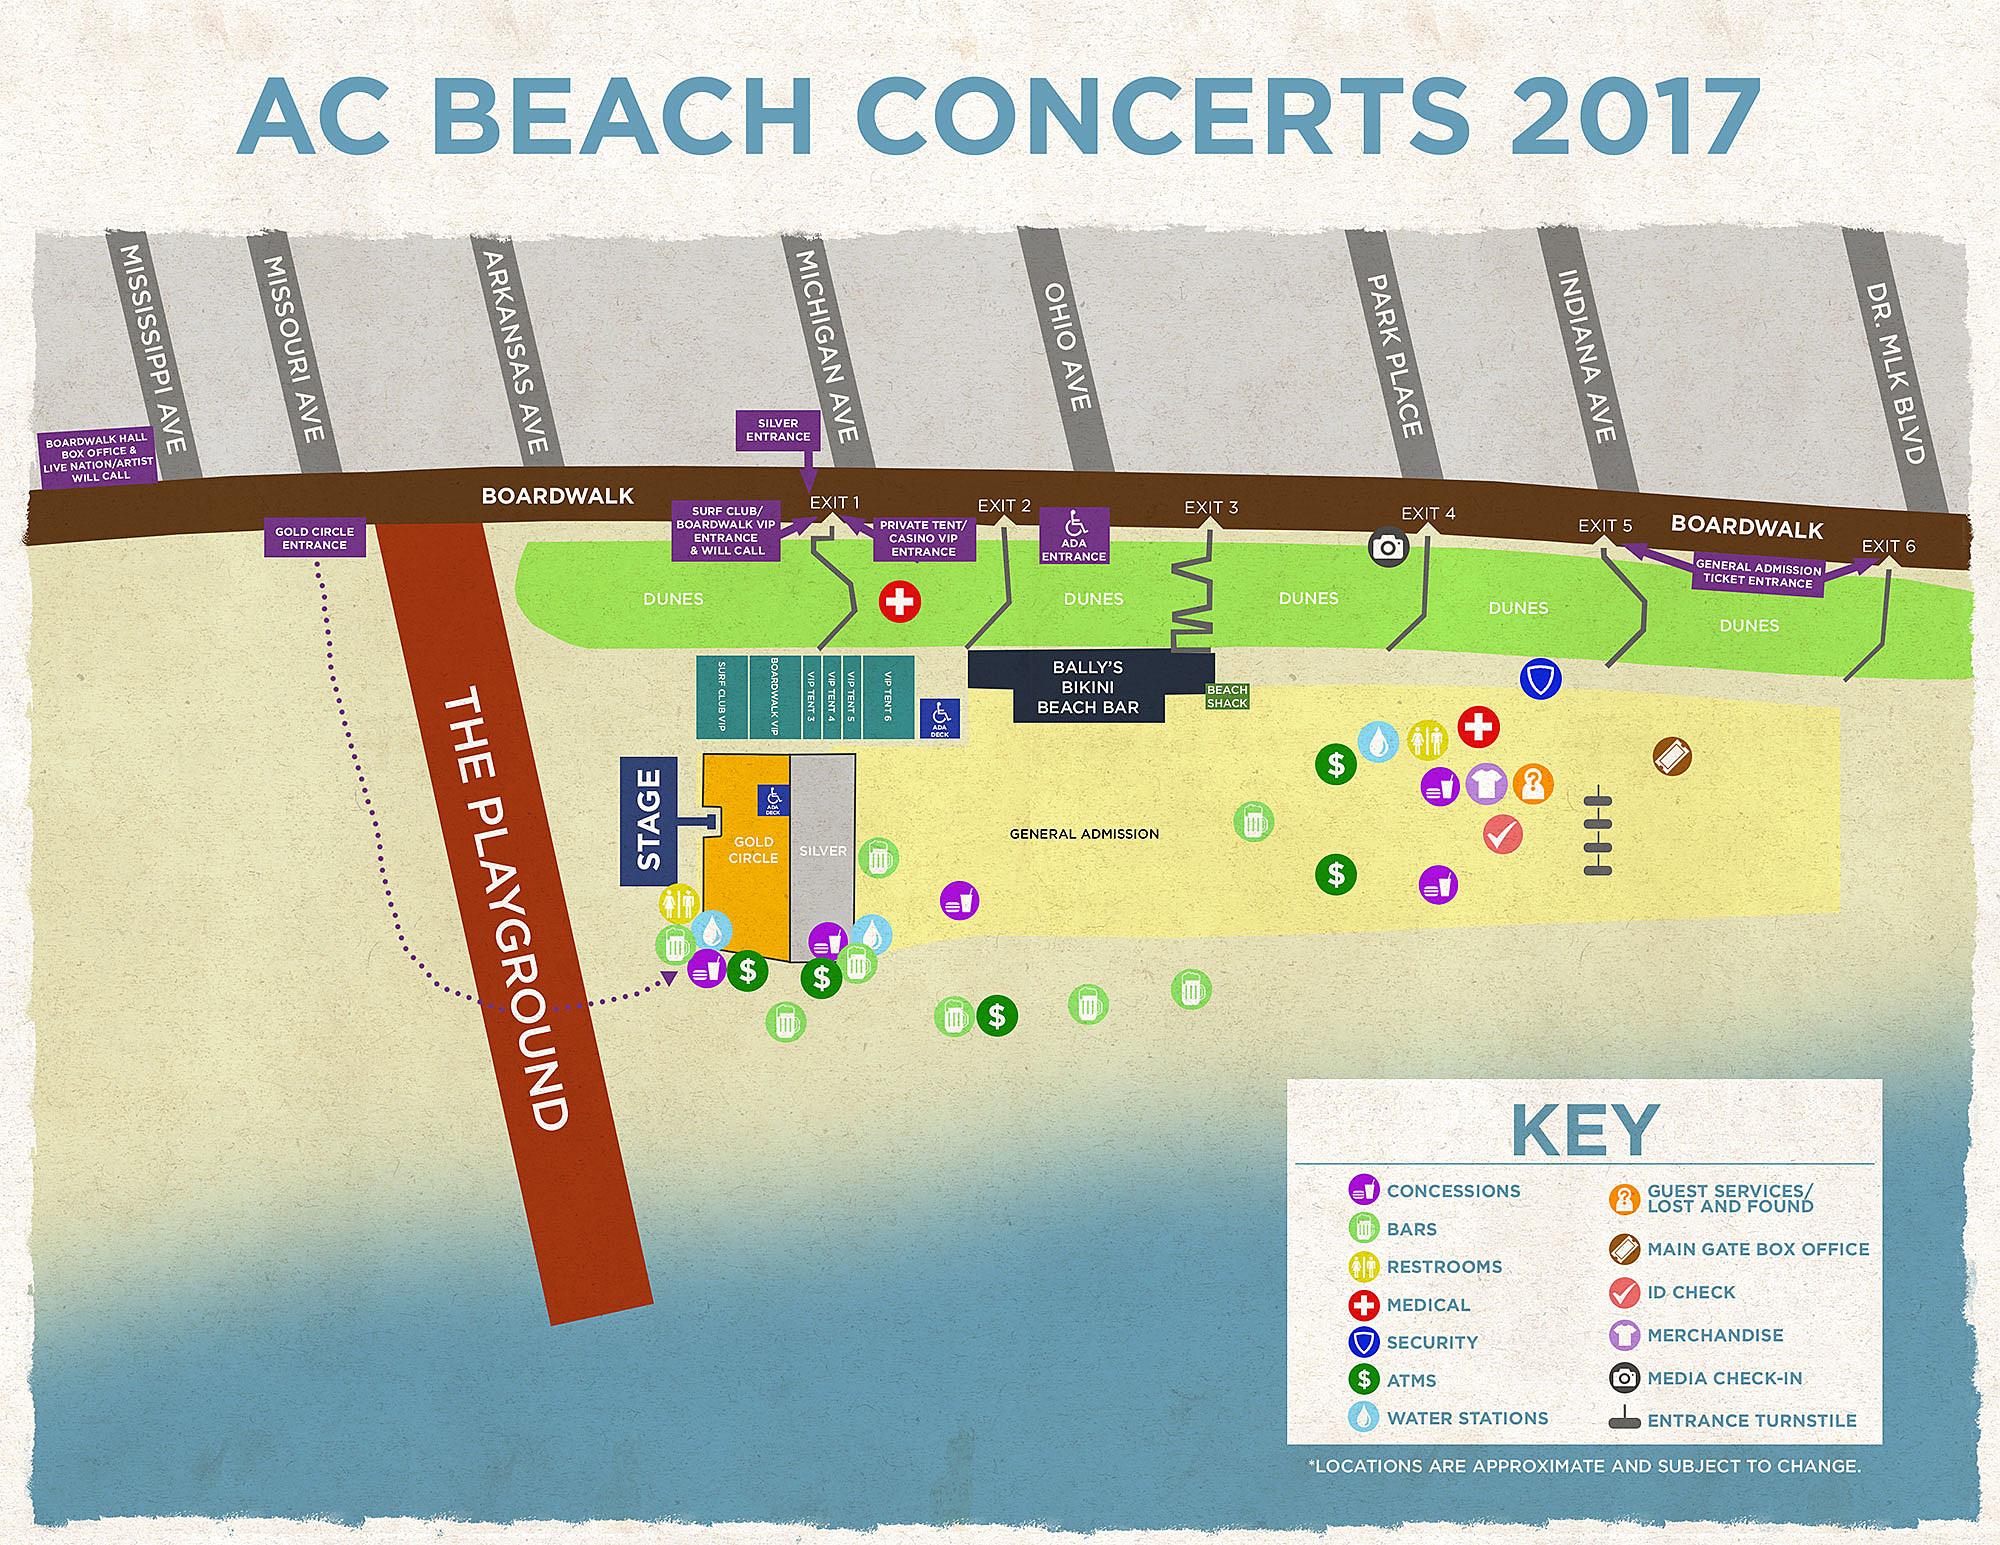 AC Beach Concert Map 2017